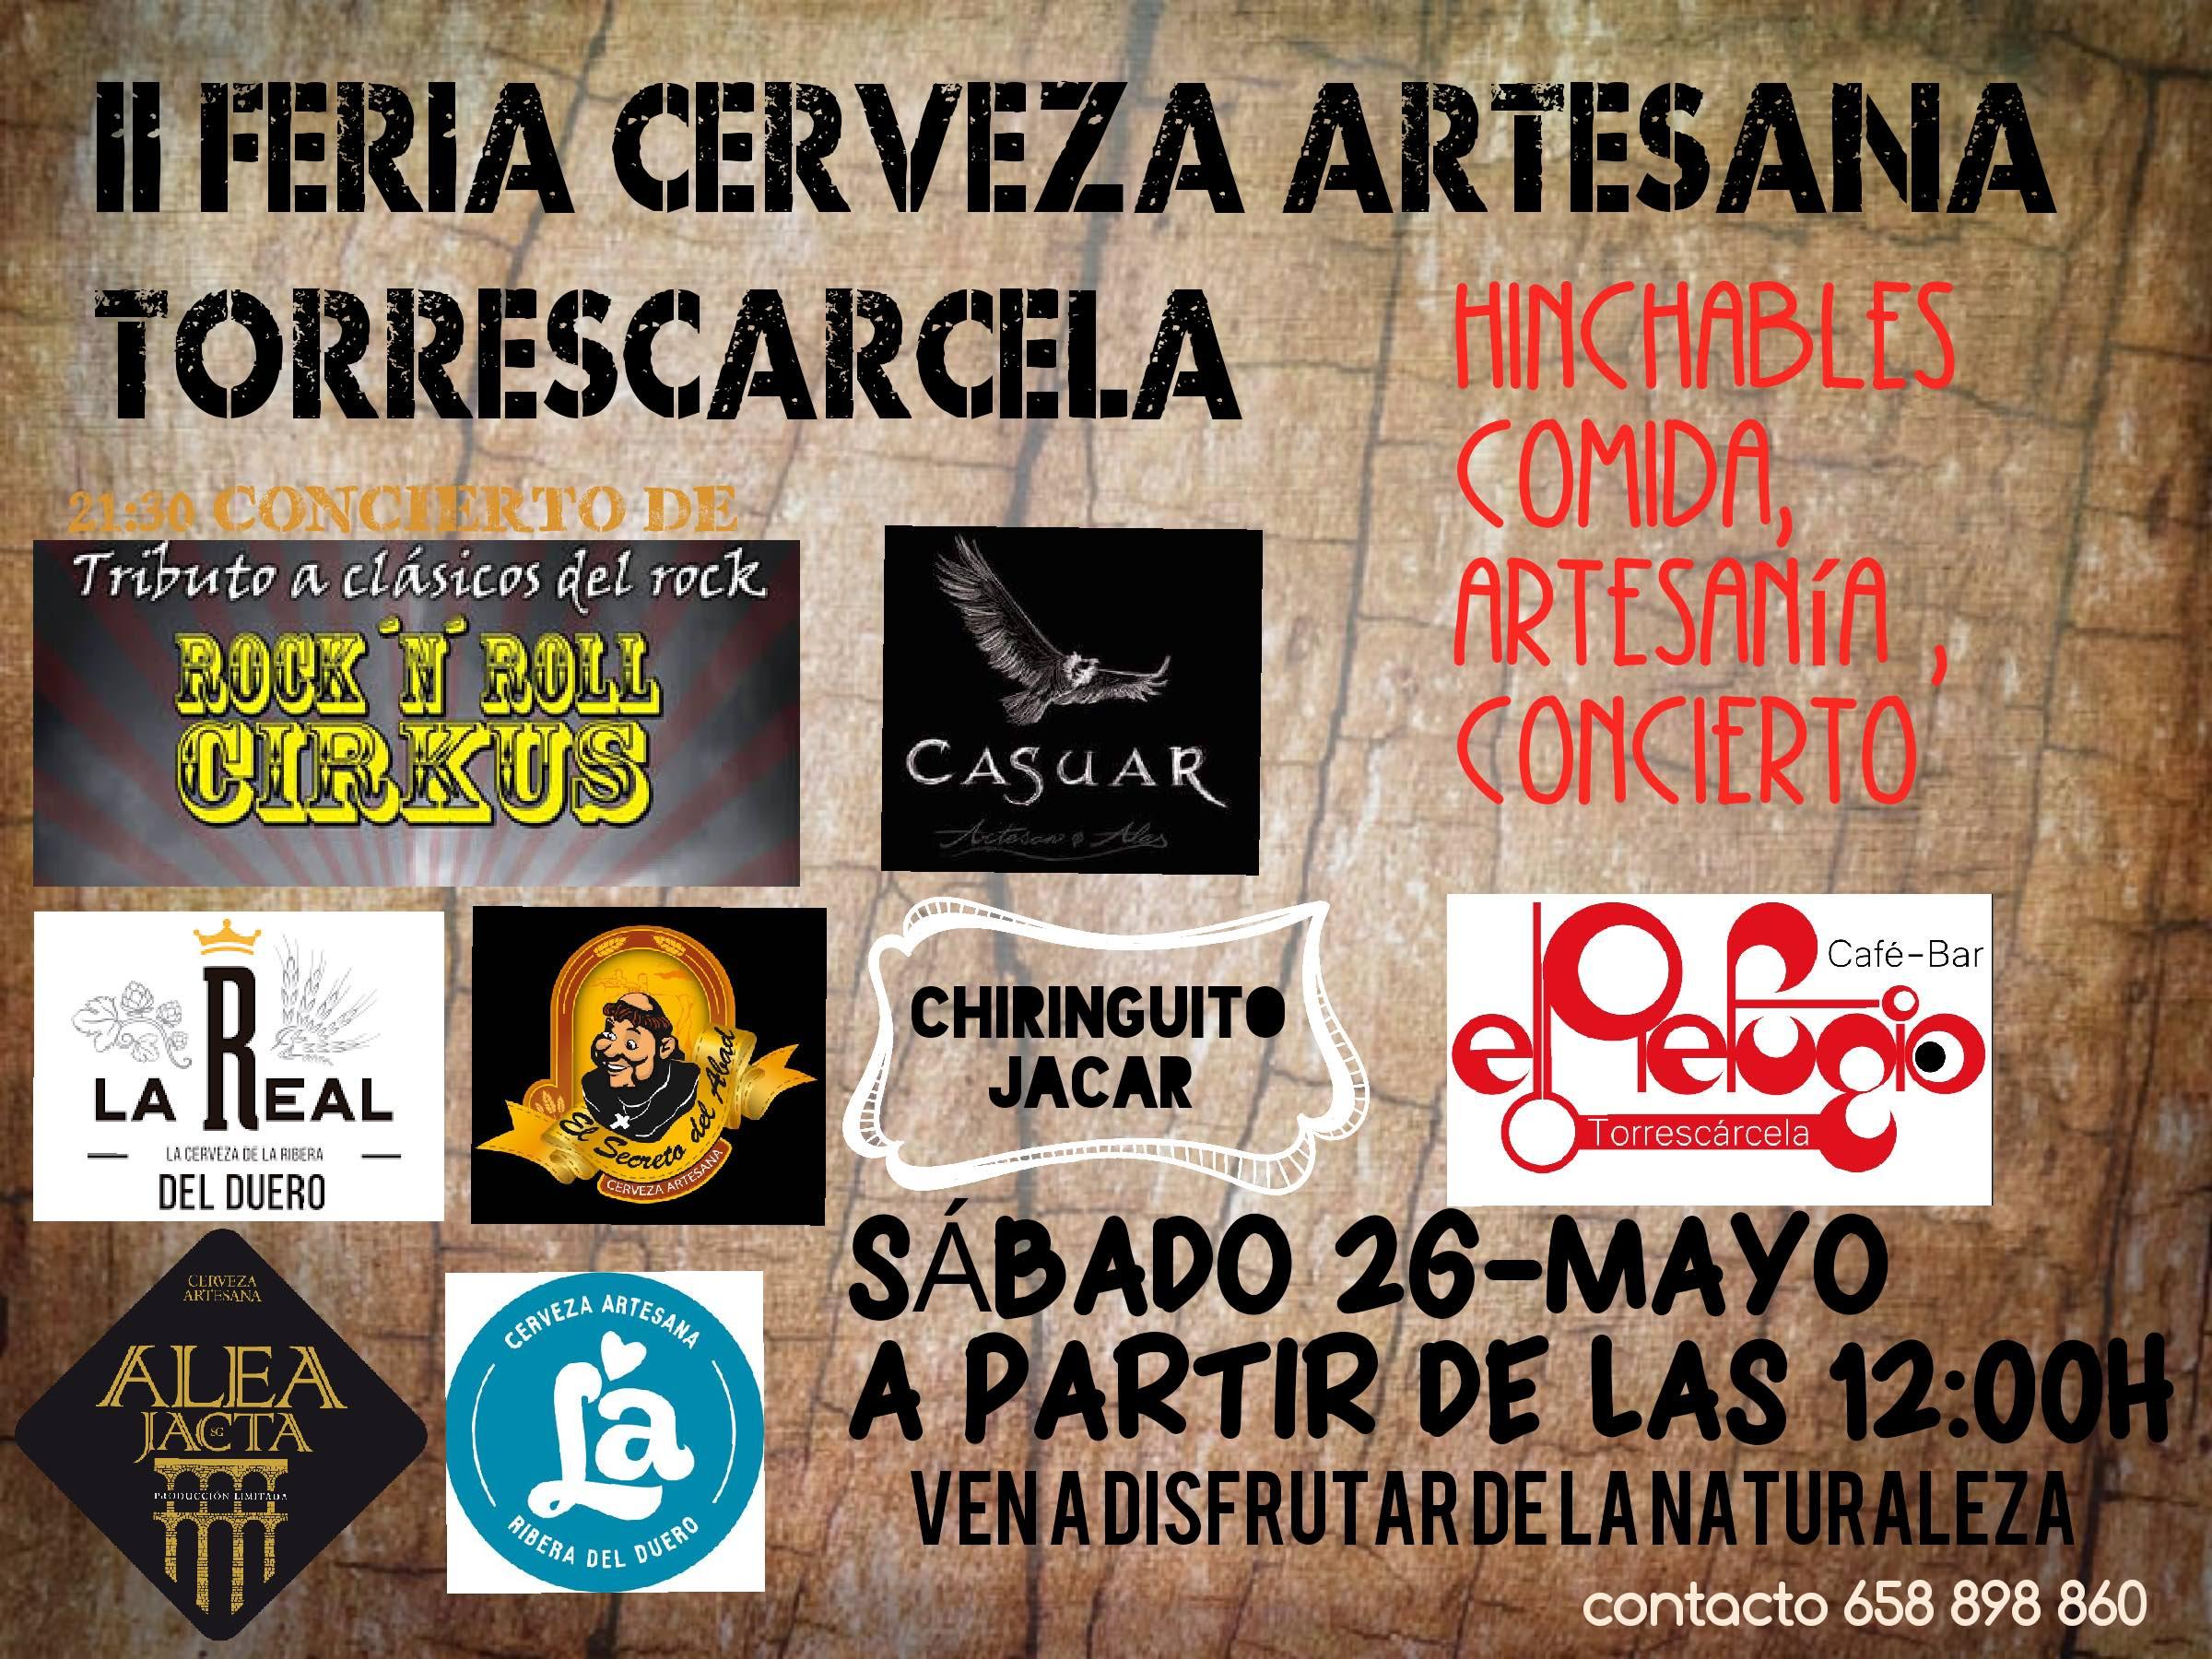 Cartel feria de la cerveza artesana de Torrescarcela 2018 Cervezas Alea Jacta